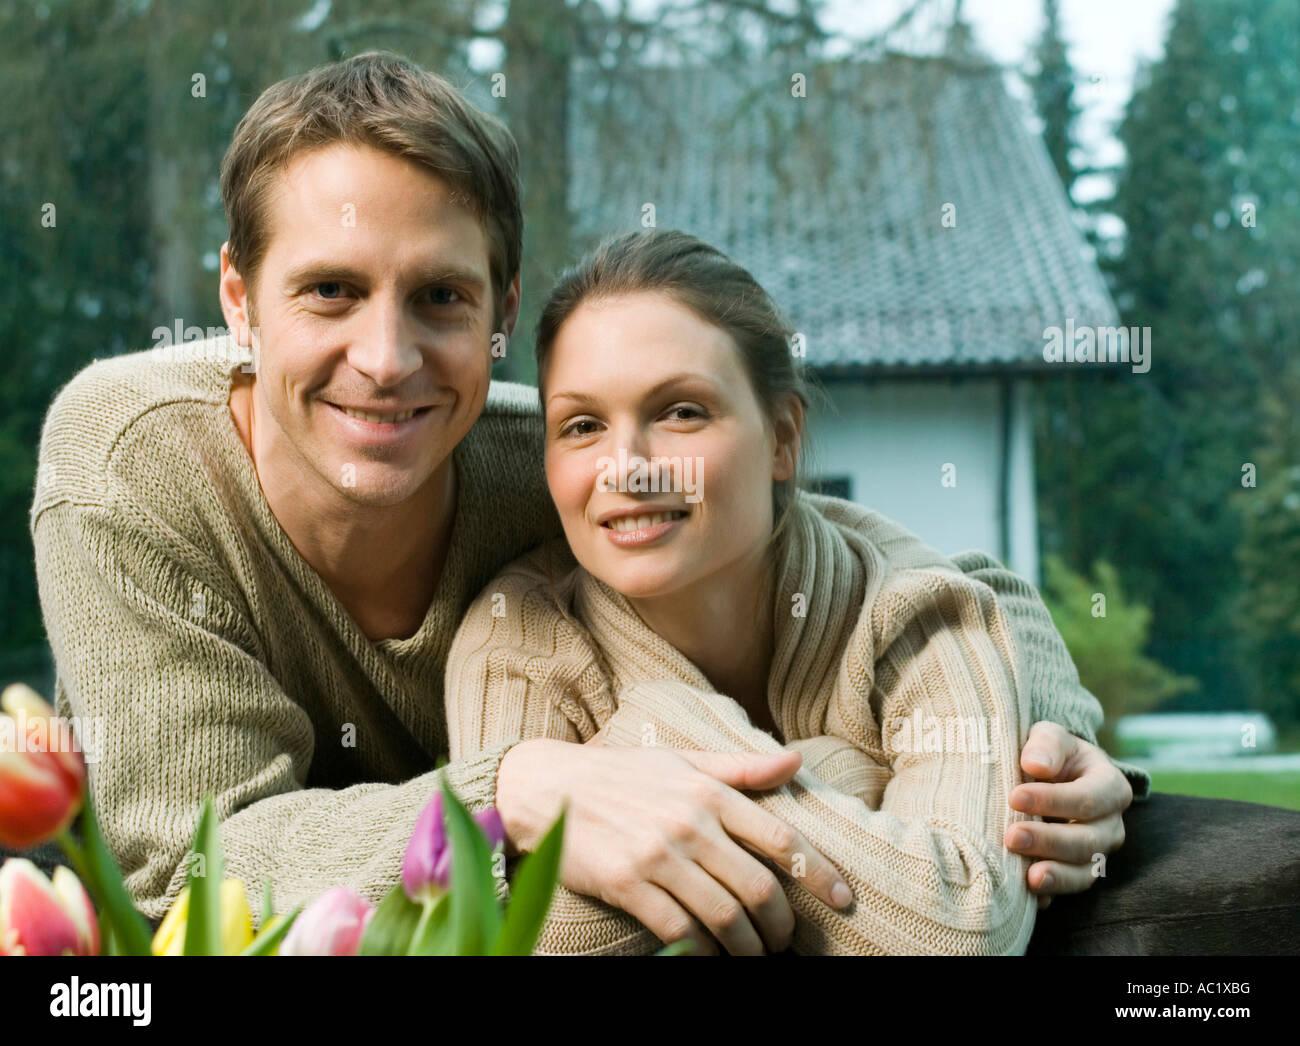 Man embracing woman avec amour Photo Stock